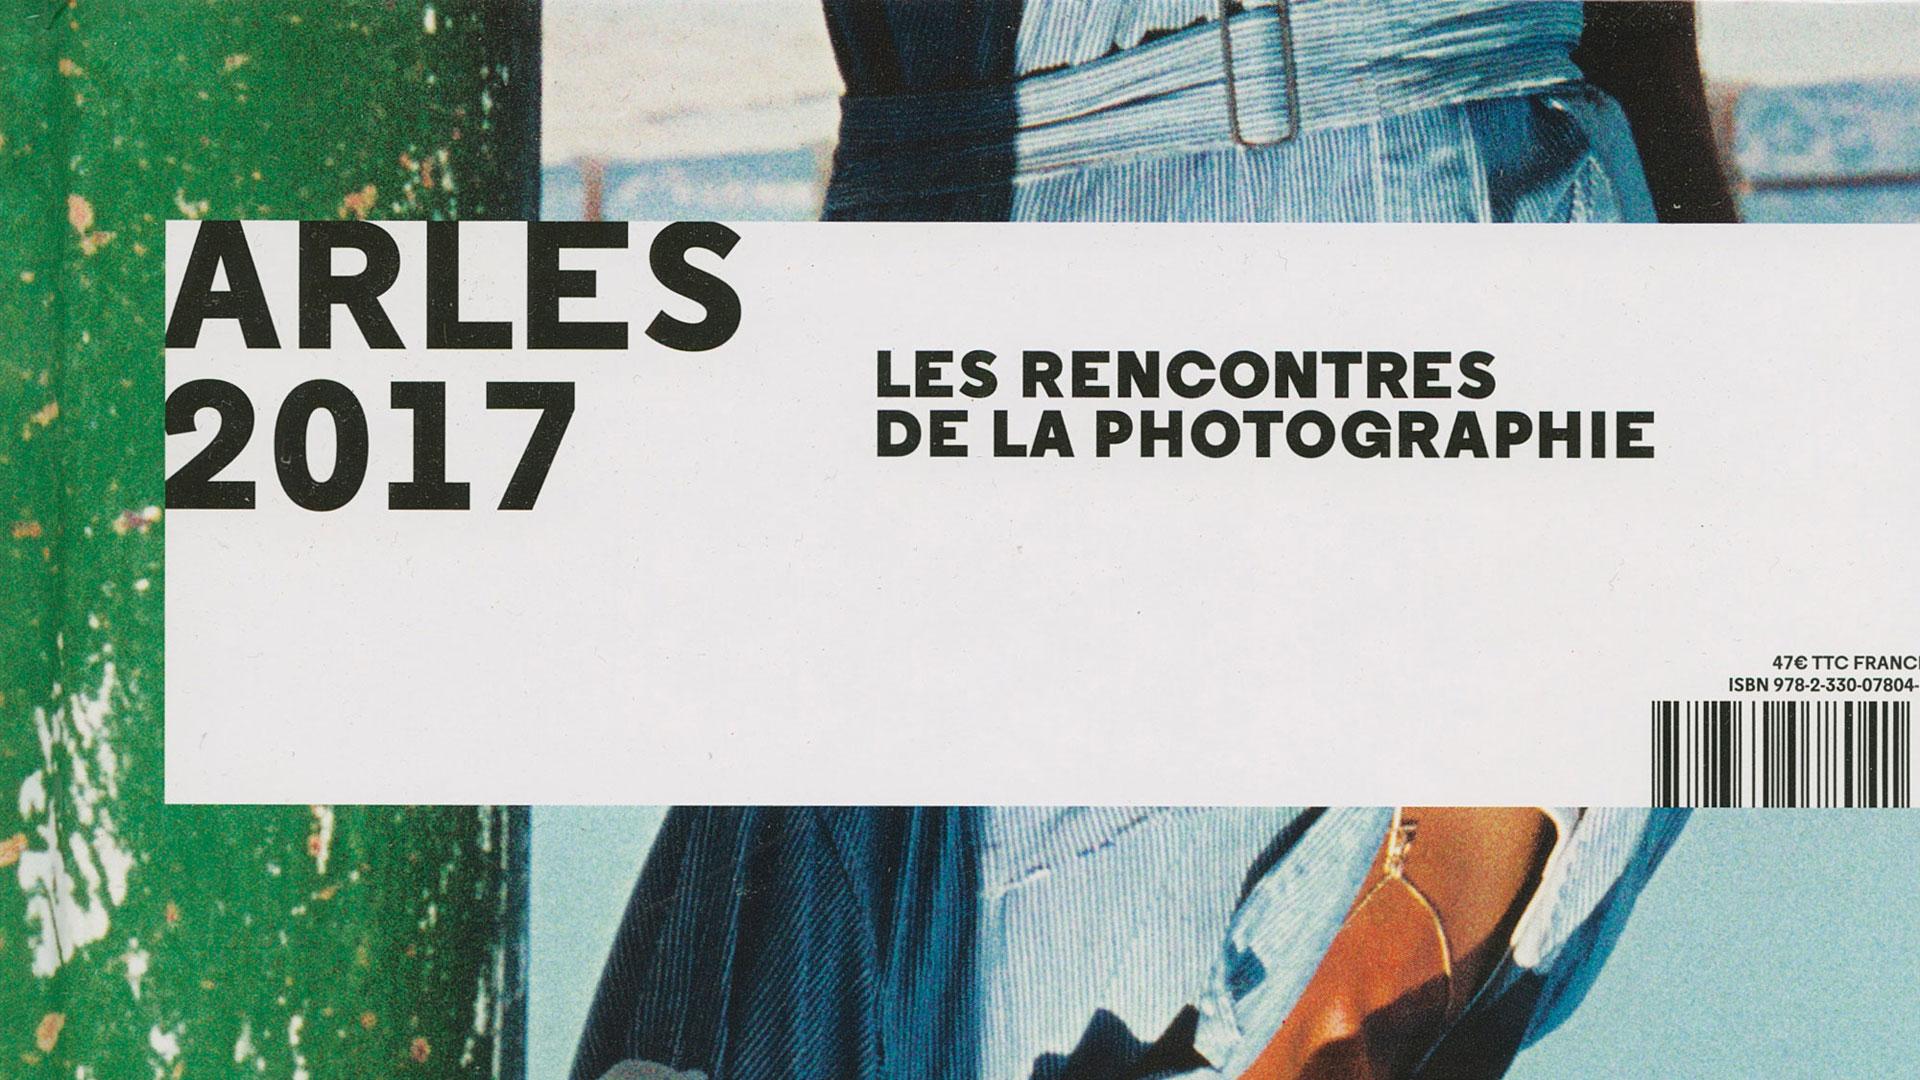 Newsletter du site de rencontres